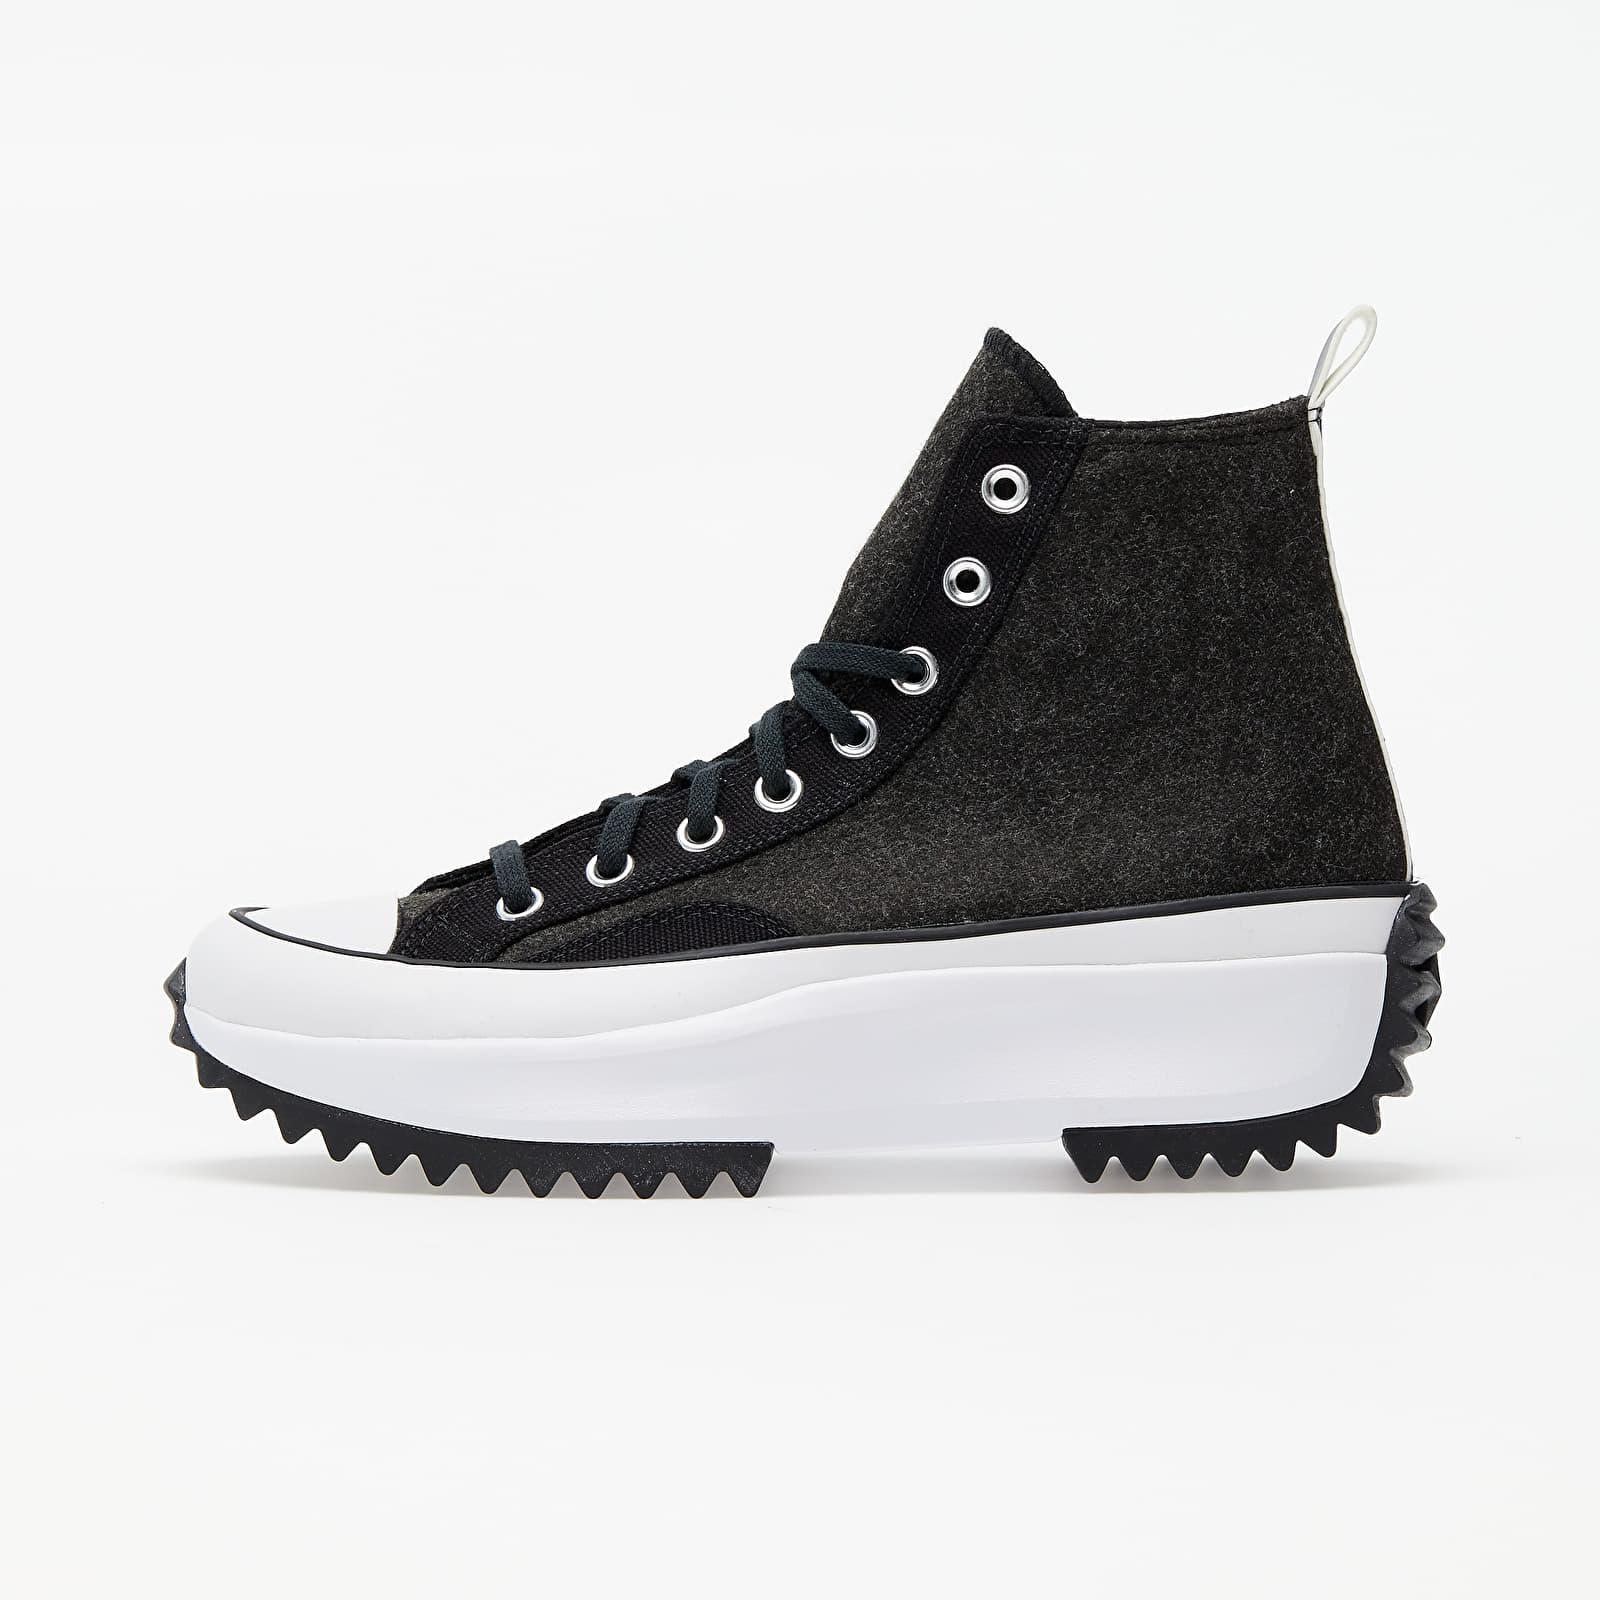 Converse Run Star Hike Black/ Silver/ White 169437C